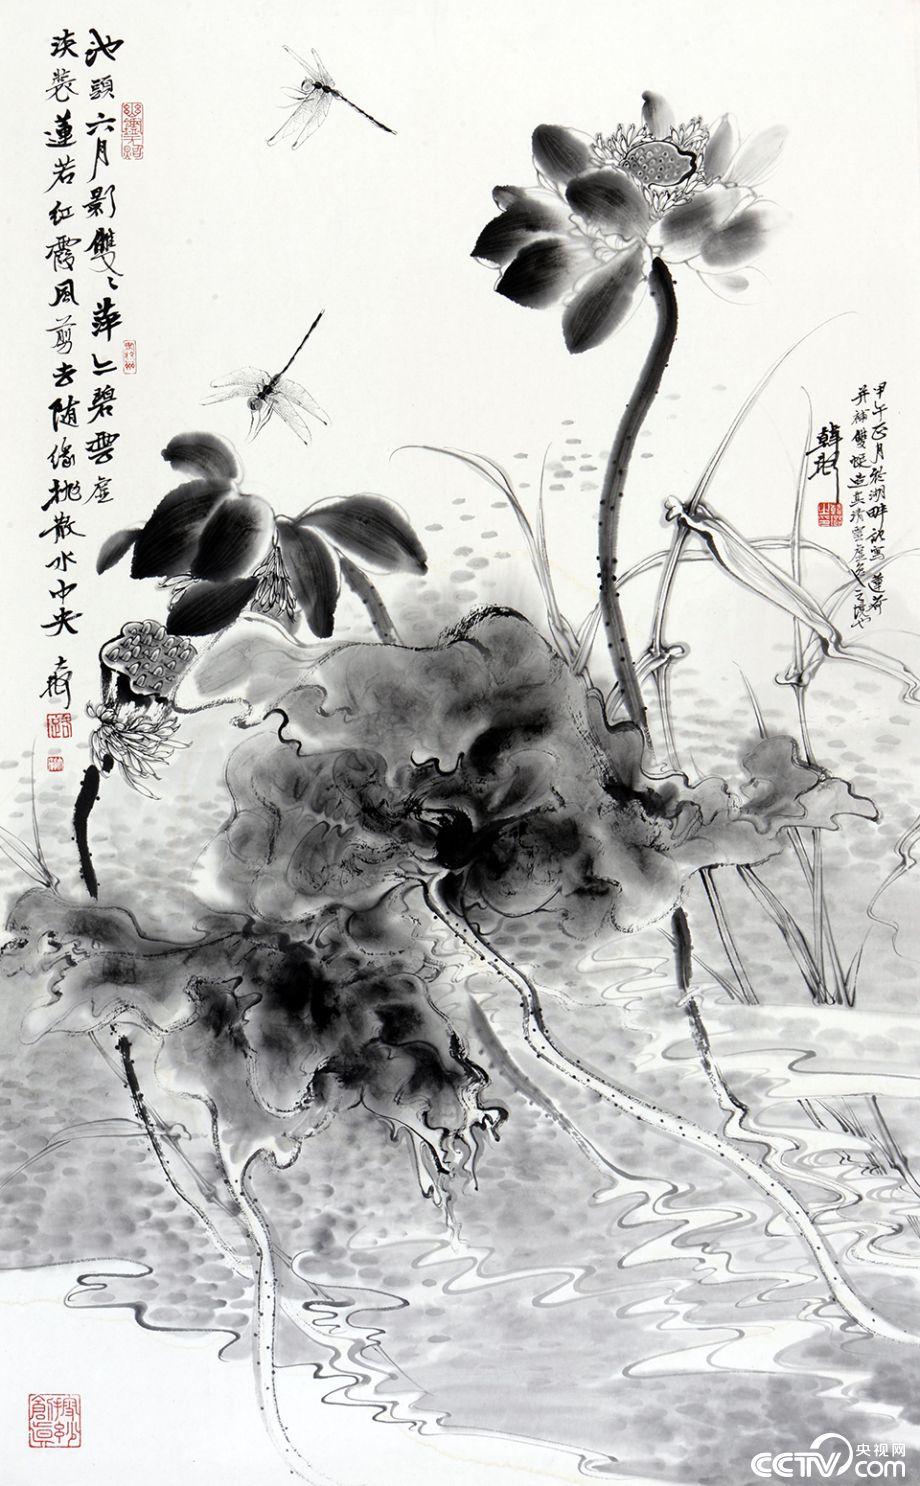 韩璐中国画作品欣赏